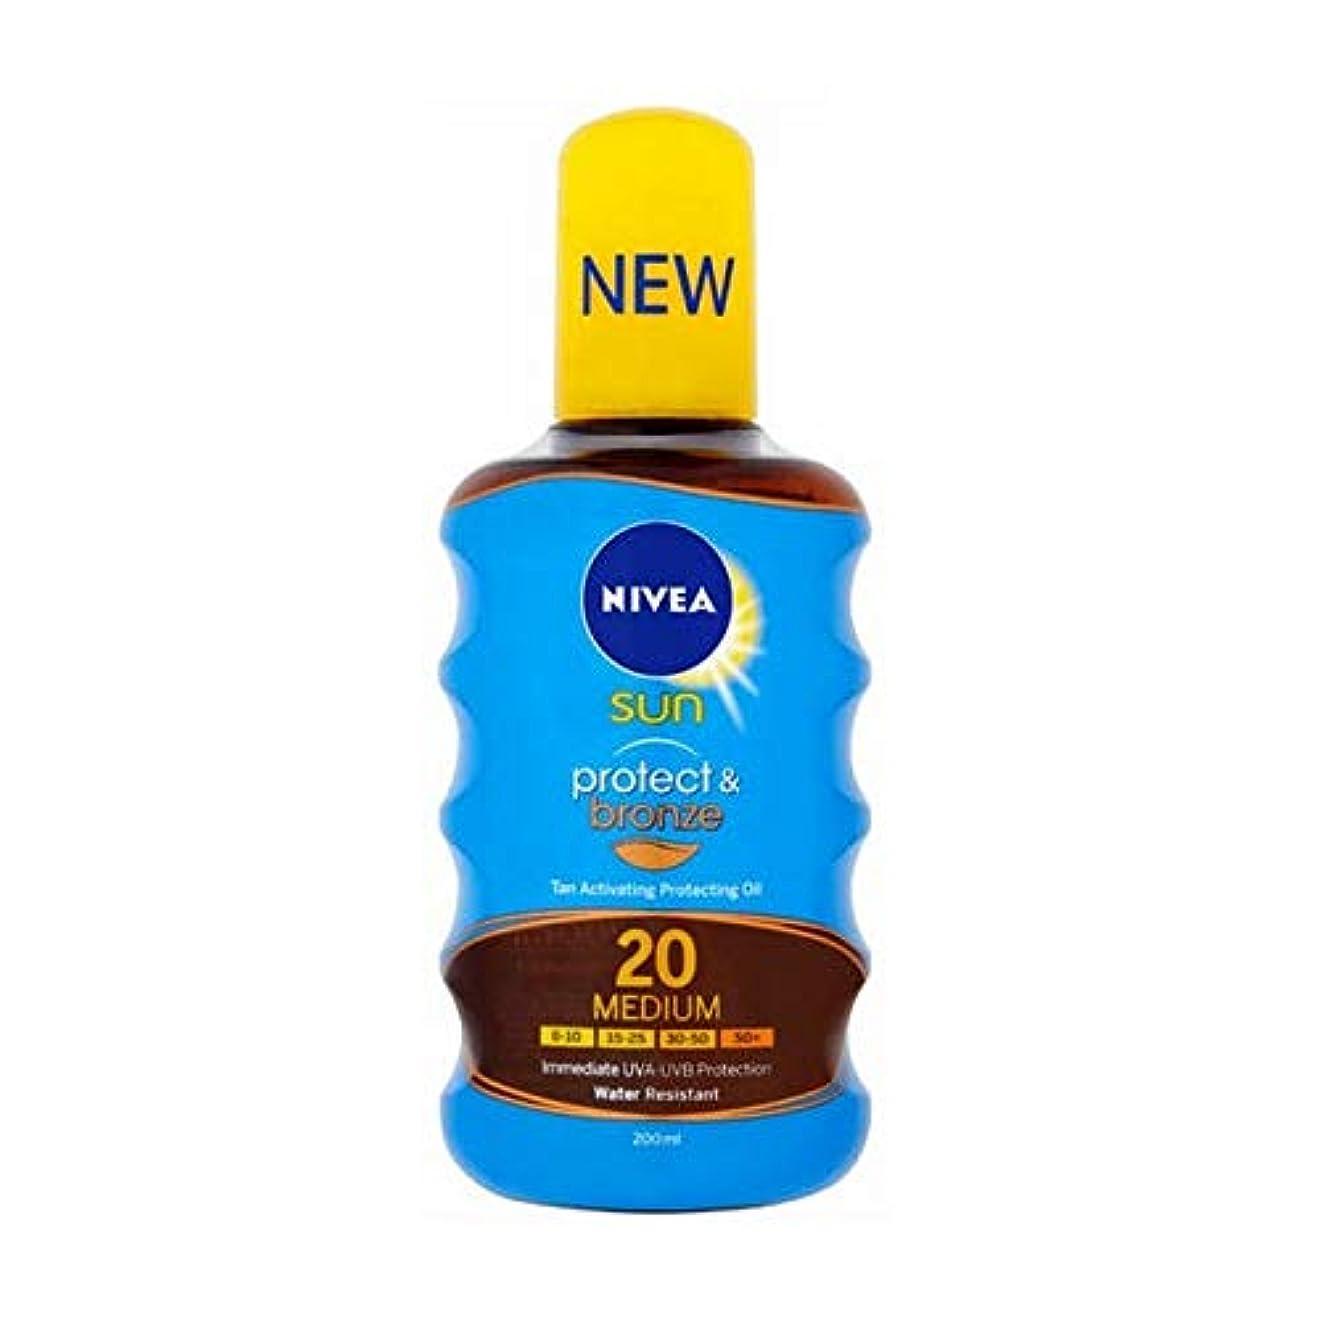 無一文エイズ流用する[Nivea ] ニベア日焼けオイルSpf20プロテクト&ブロンズ200ミリリットル活性化 - NIVEA SUN Tan Activating Oil SPF20 Protect&Bronze 200ml [並行輸入品]